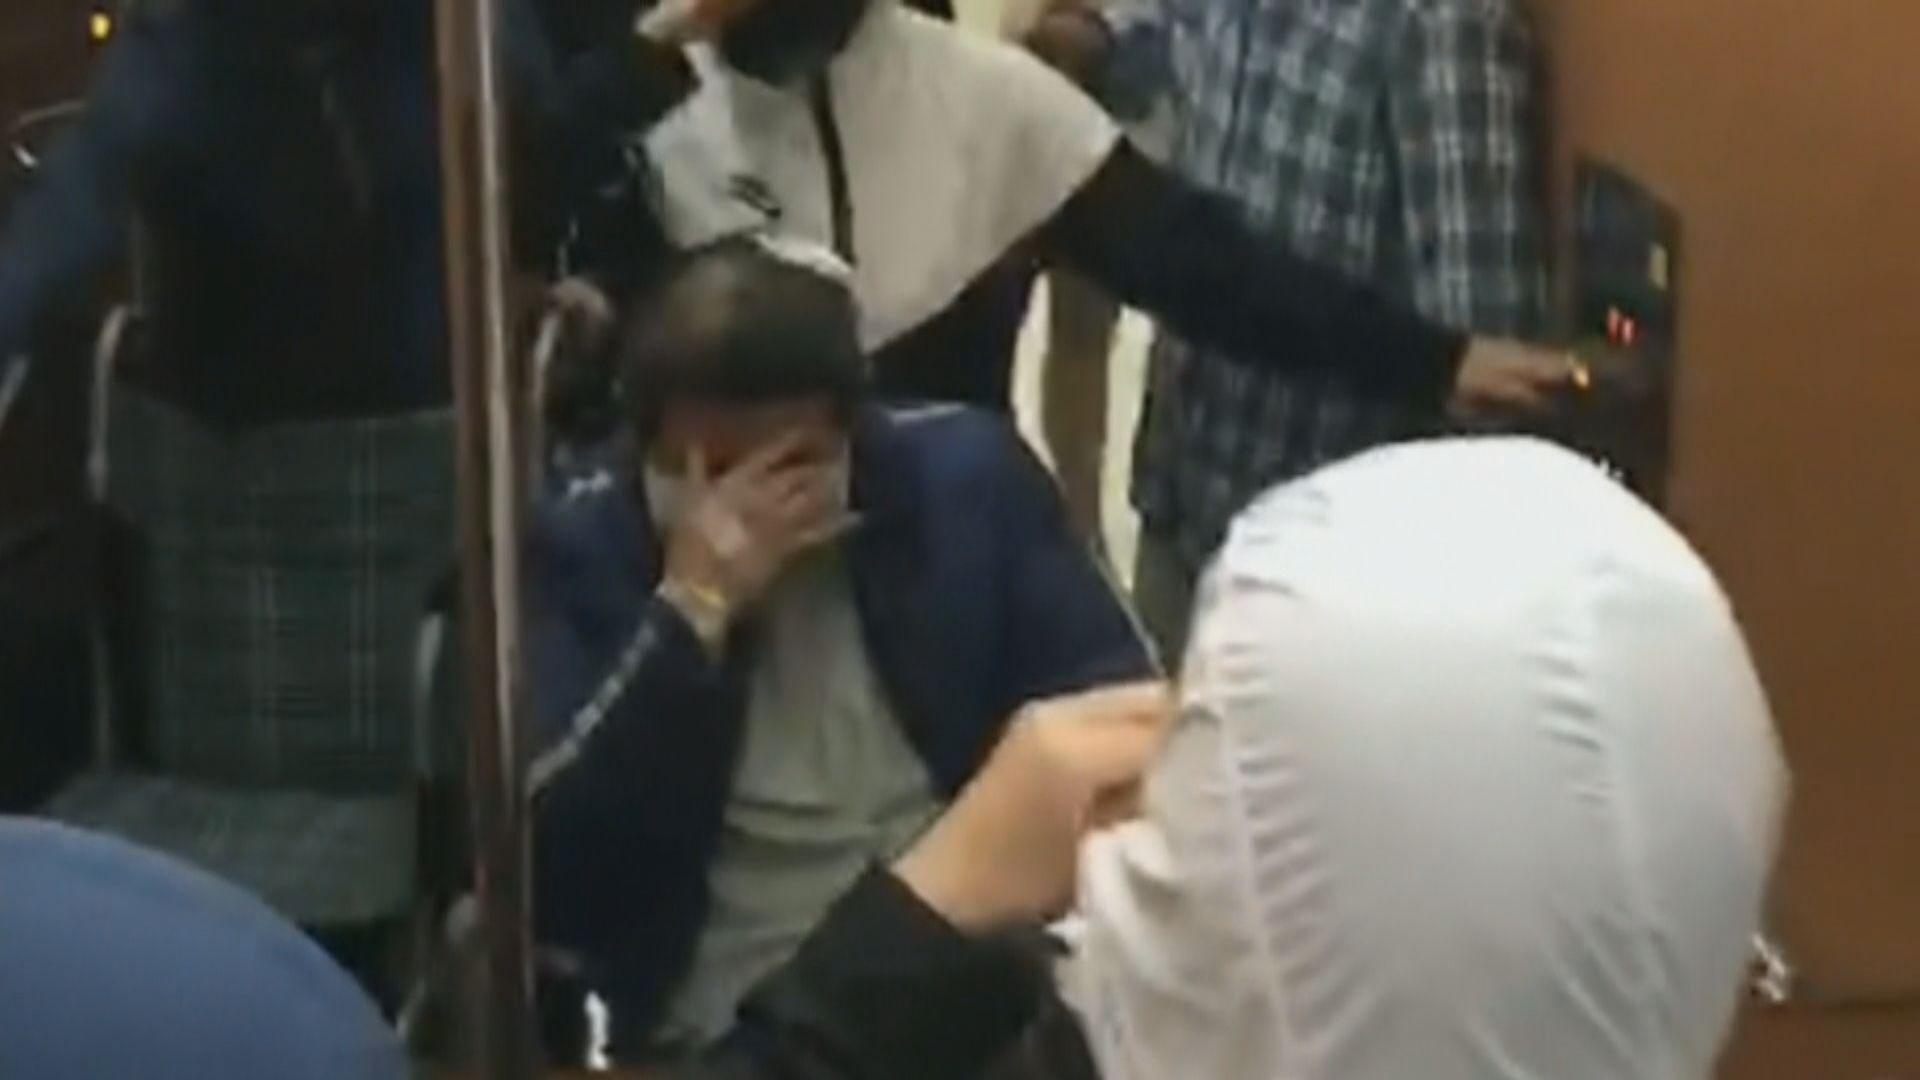 台鐵出軌事故 檢方指司機犯罪嫌疑大